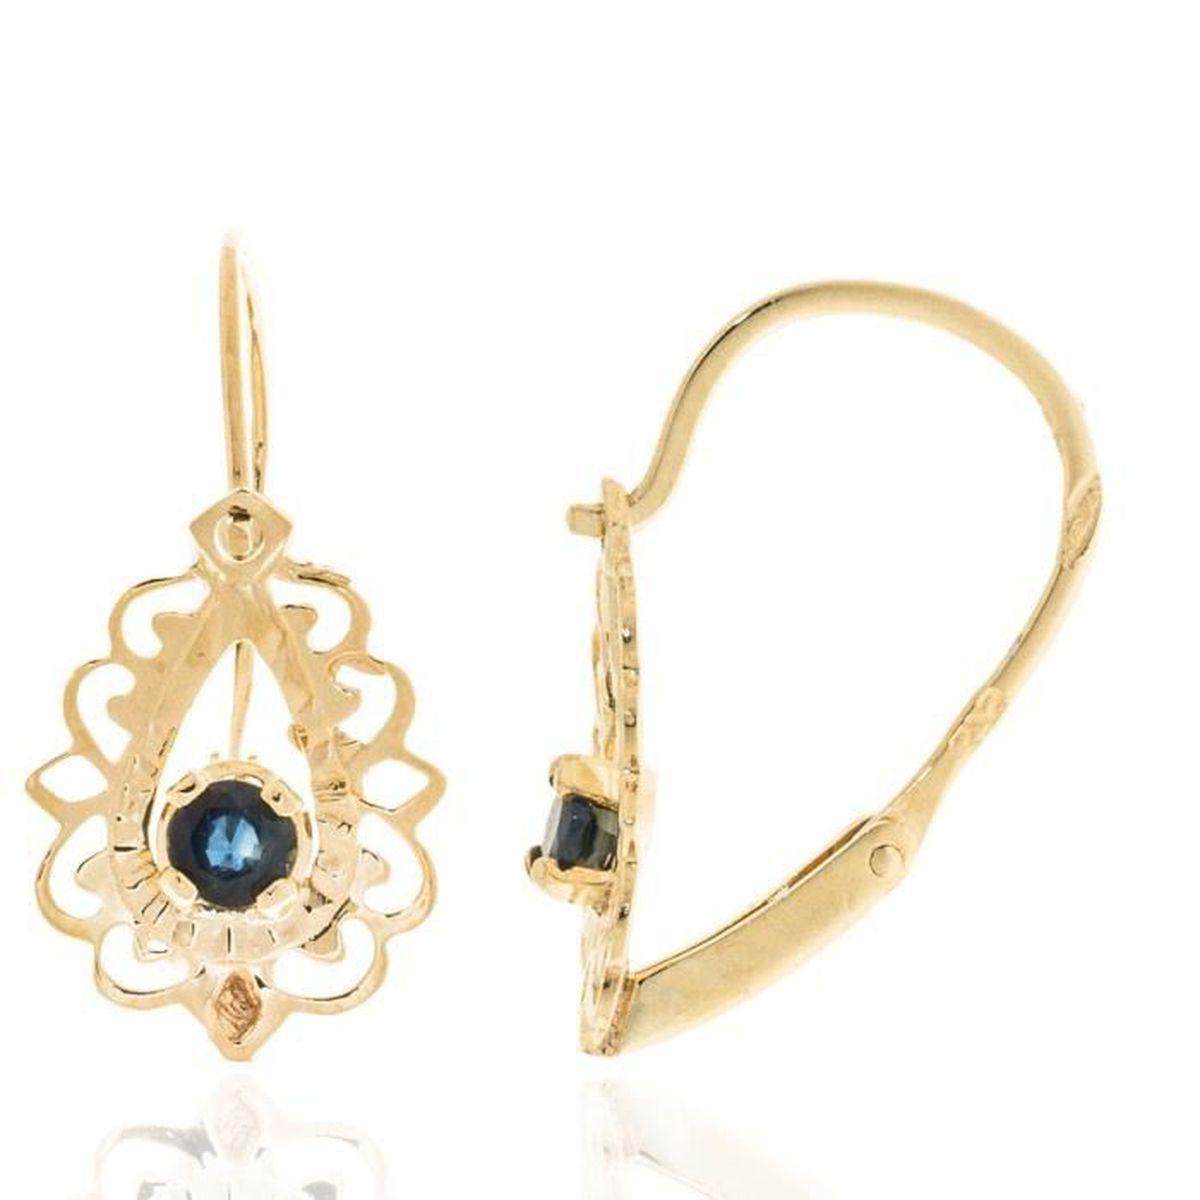 New Fashion 18k Or//Blanc Plaqué Or Brillant Rectangle Boucles D/'Oreille Pendantes Dangle Cadeau